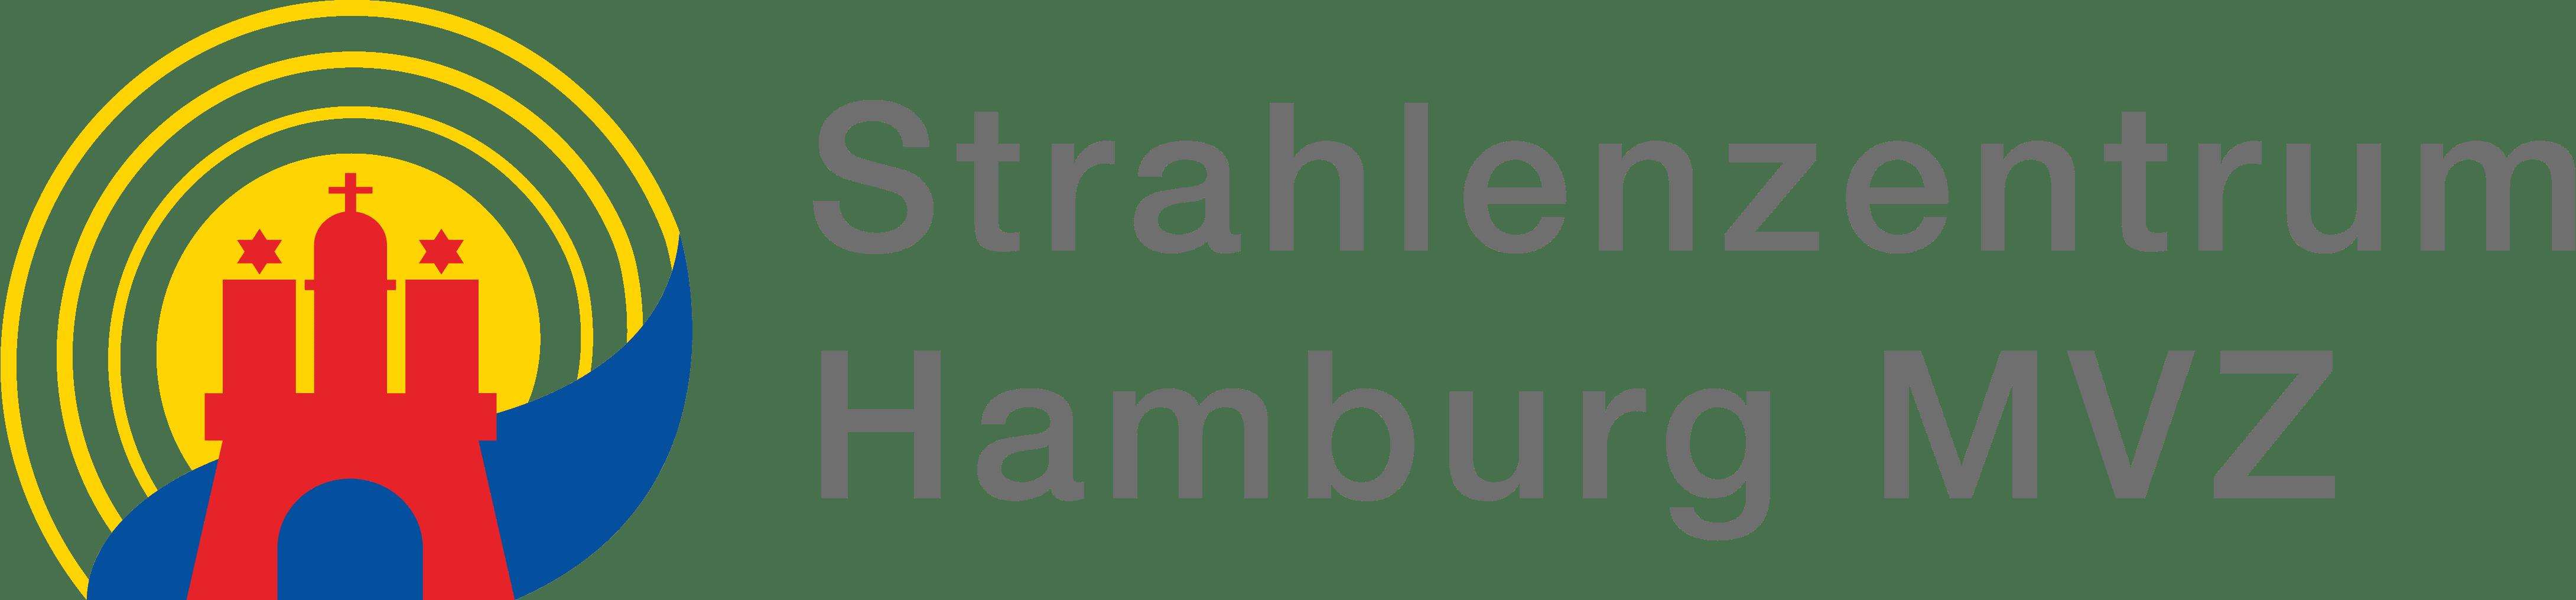 Logo des Strahlenzentrums Hamburg